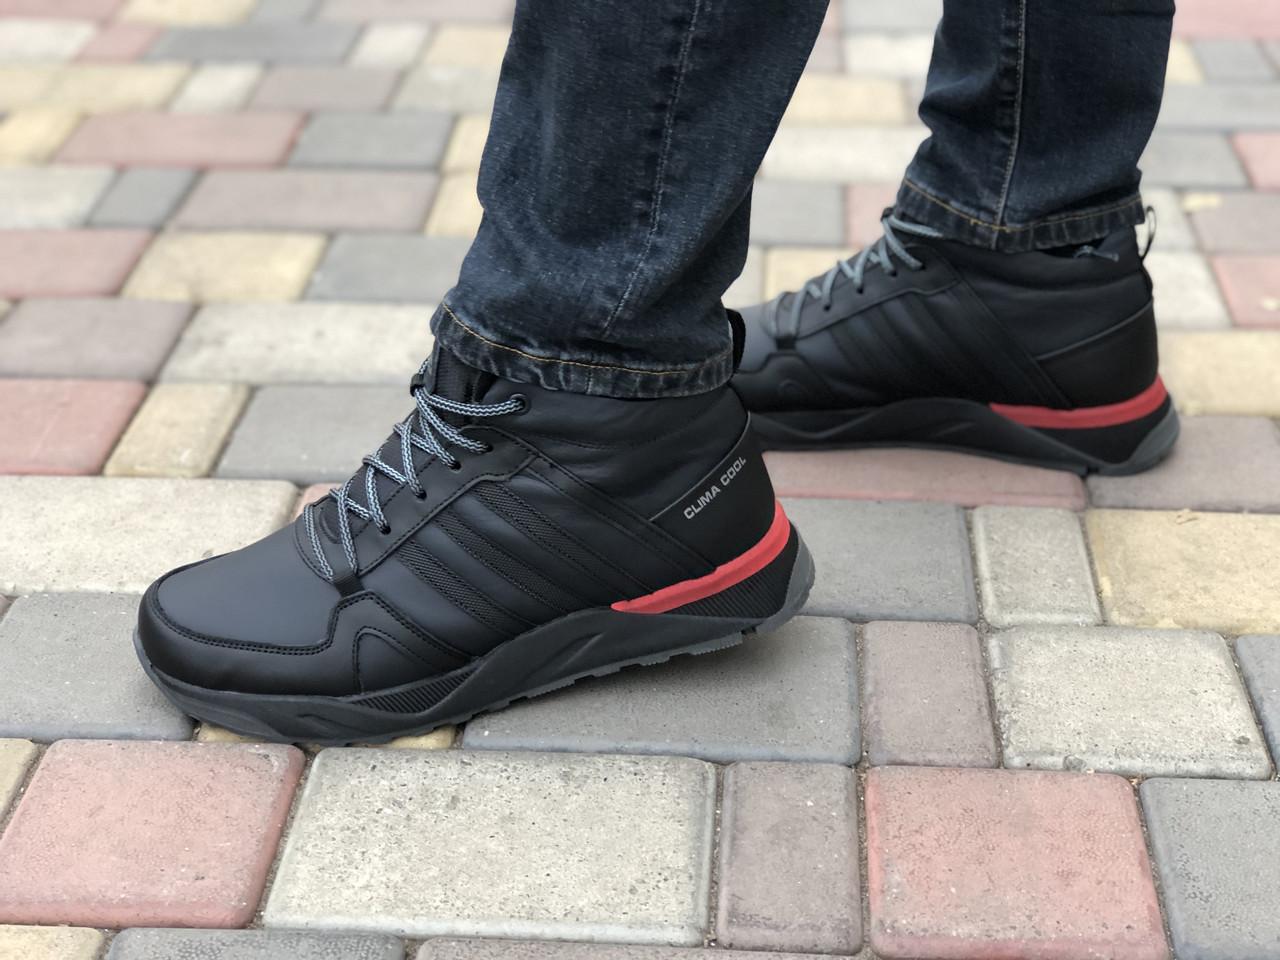 Кожаные мужские кроссовки Extrem 29 ч/кр размеры 40,41,42,43,44